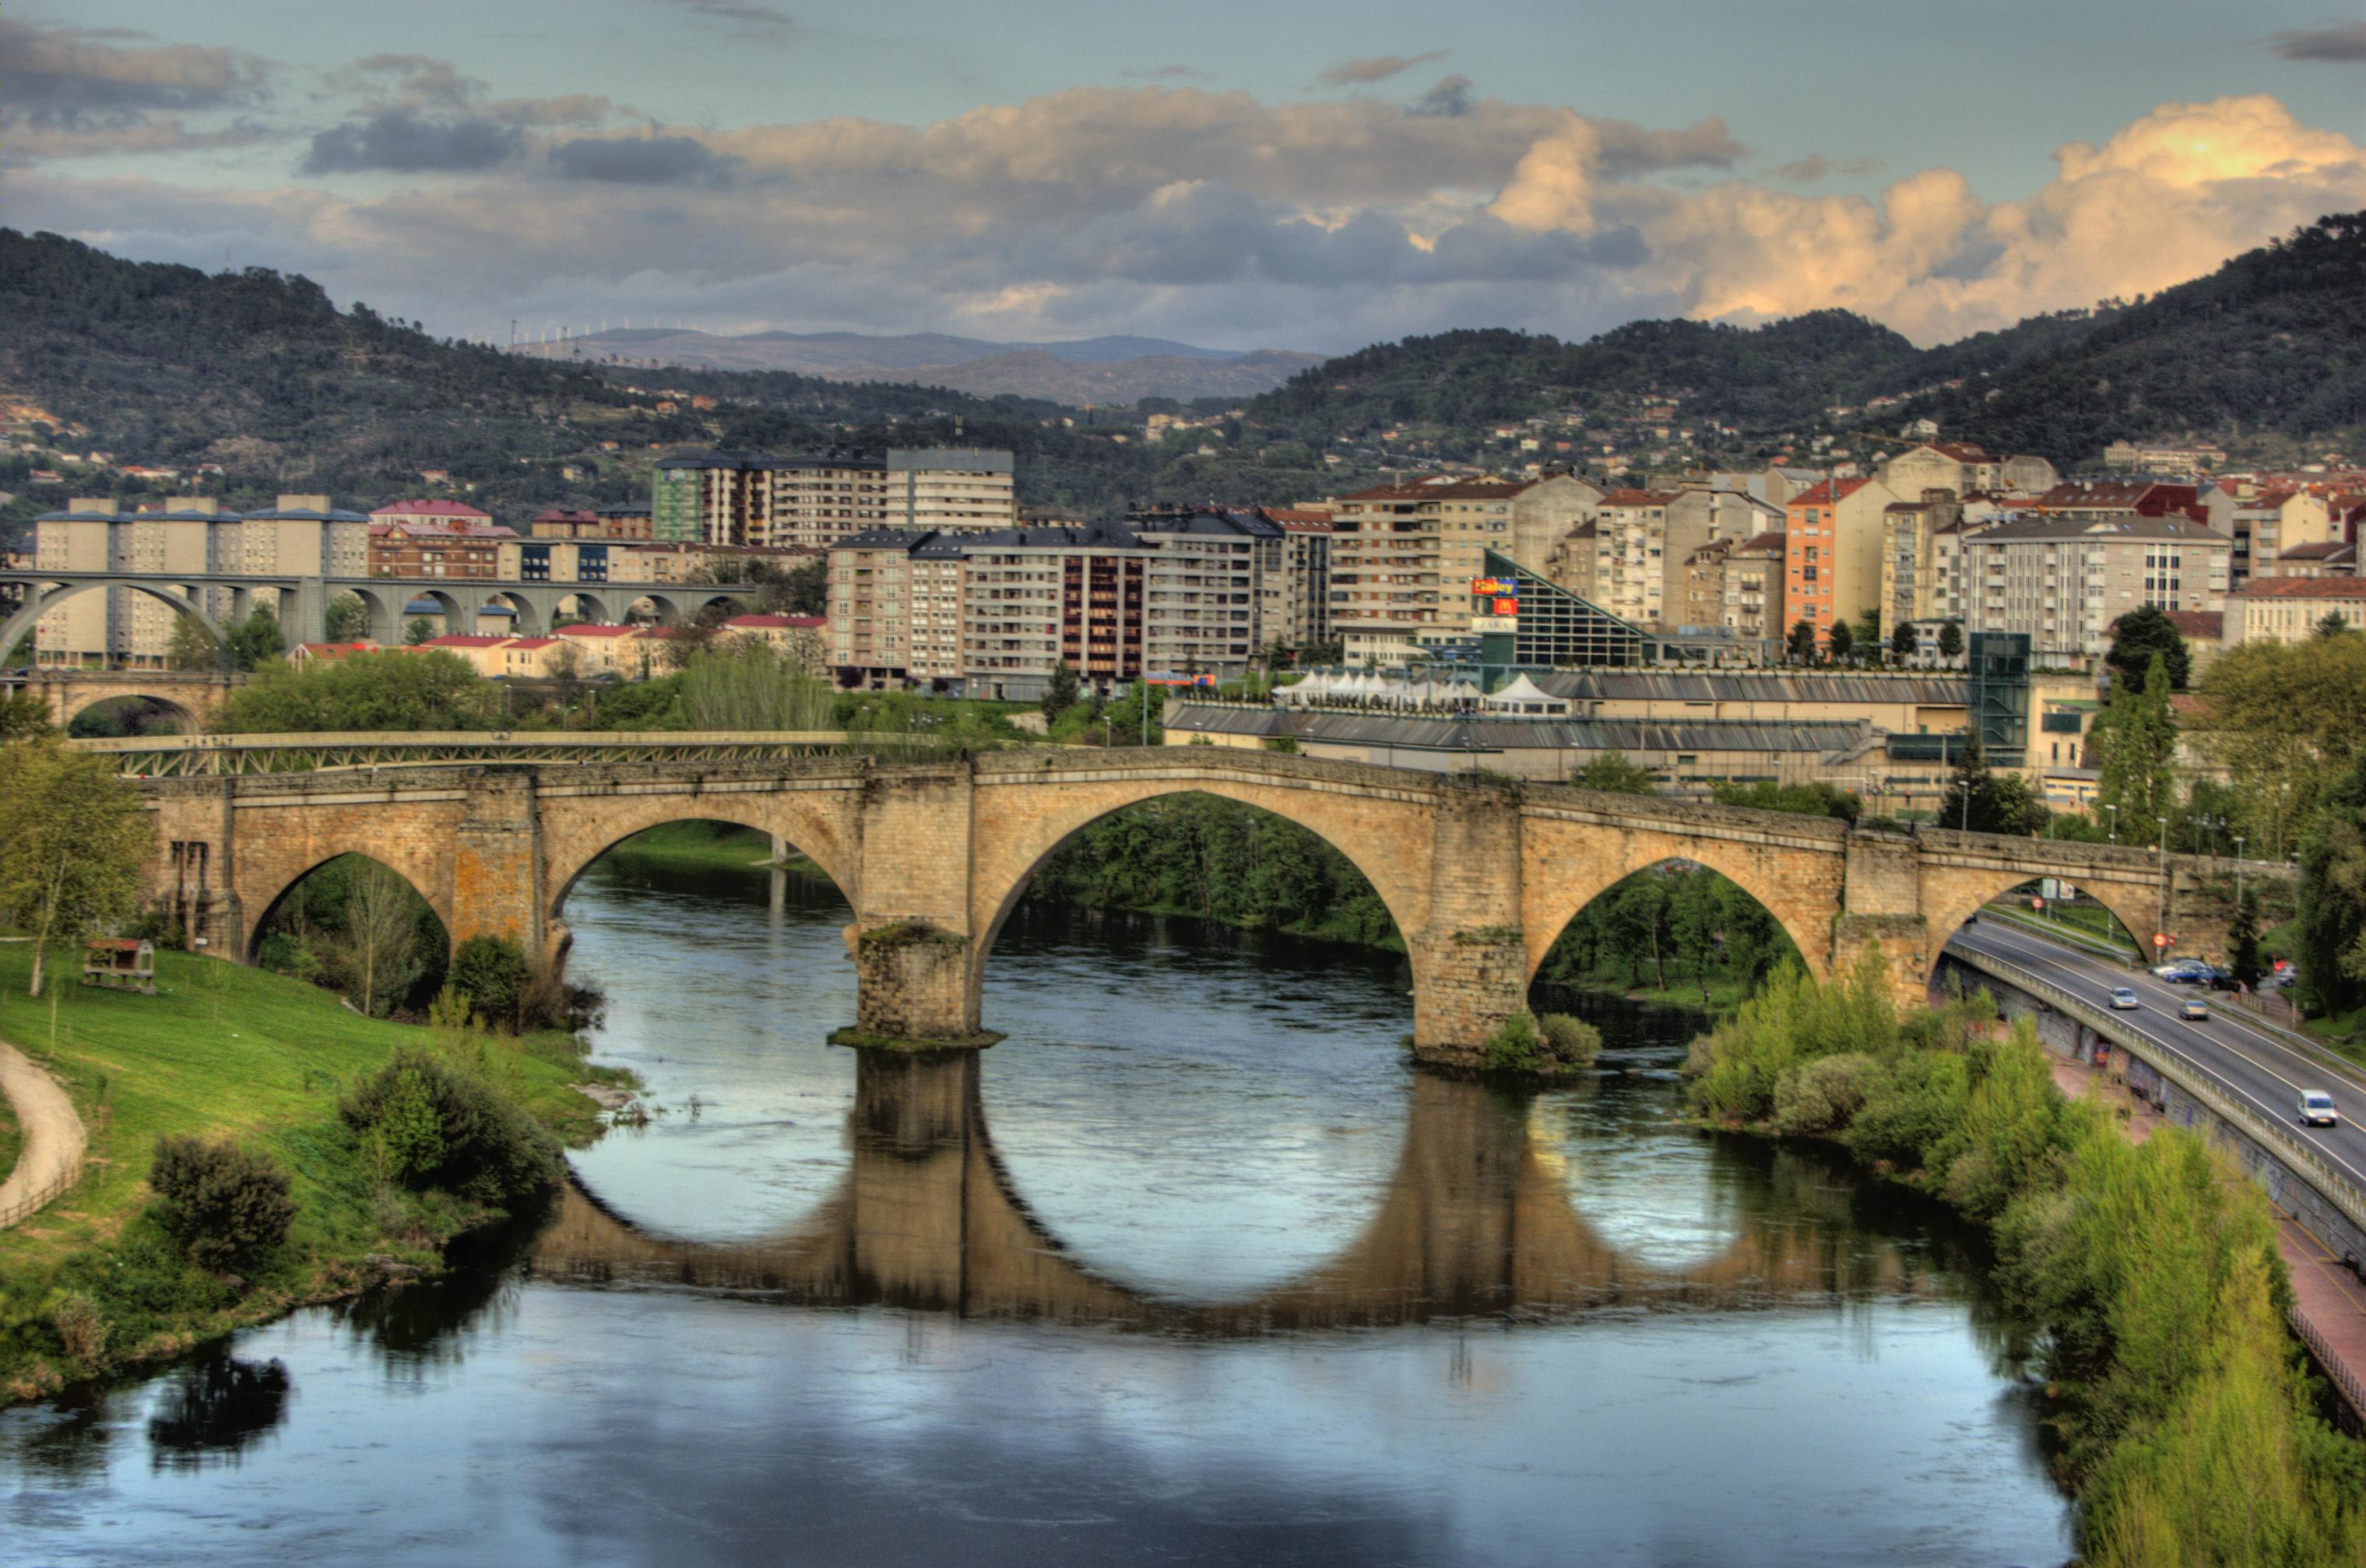 THE CITY OF A THOUSAND BRIDGES